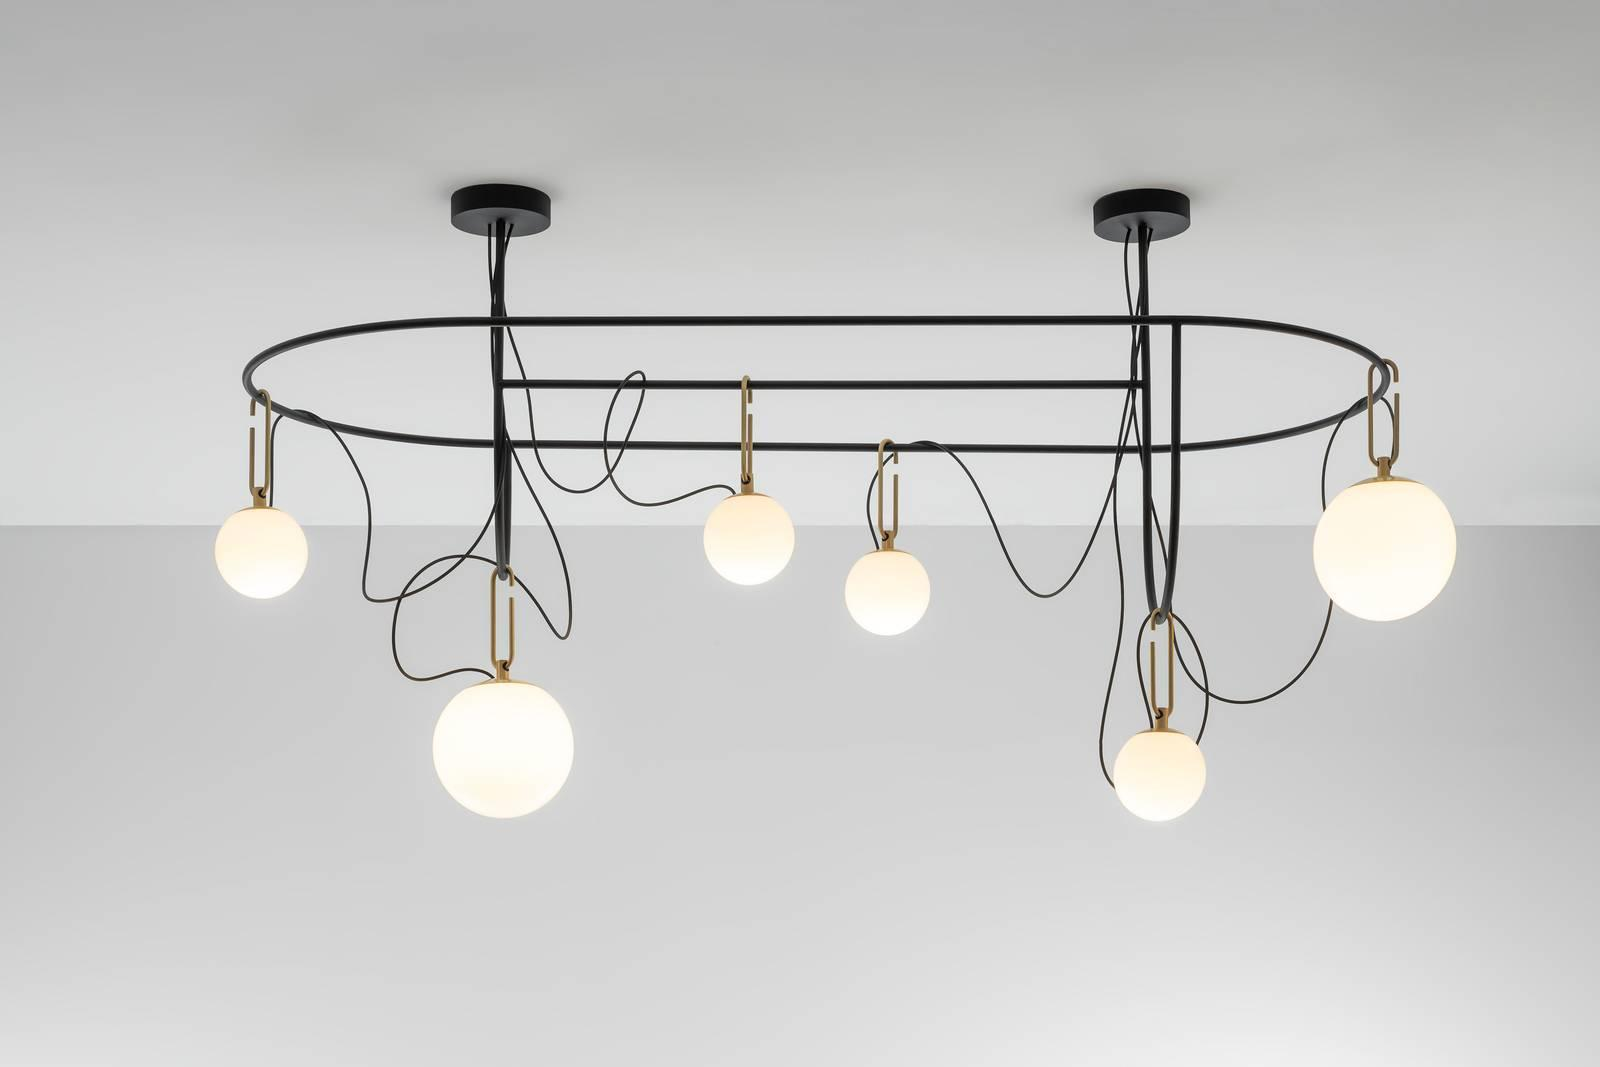 Lampadari E Plafoniere Moderne : Artemide plafoniere moderne grandioso foto della